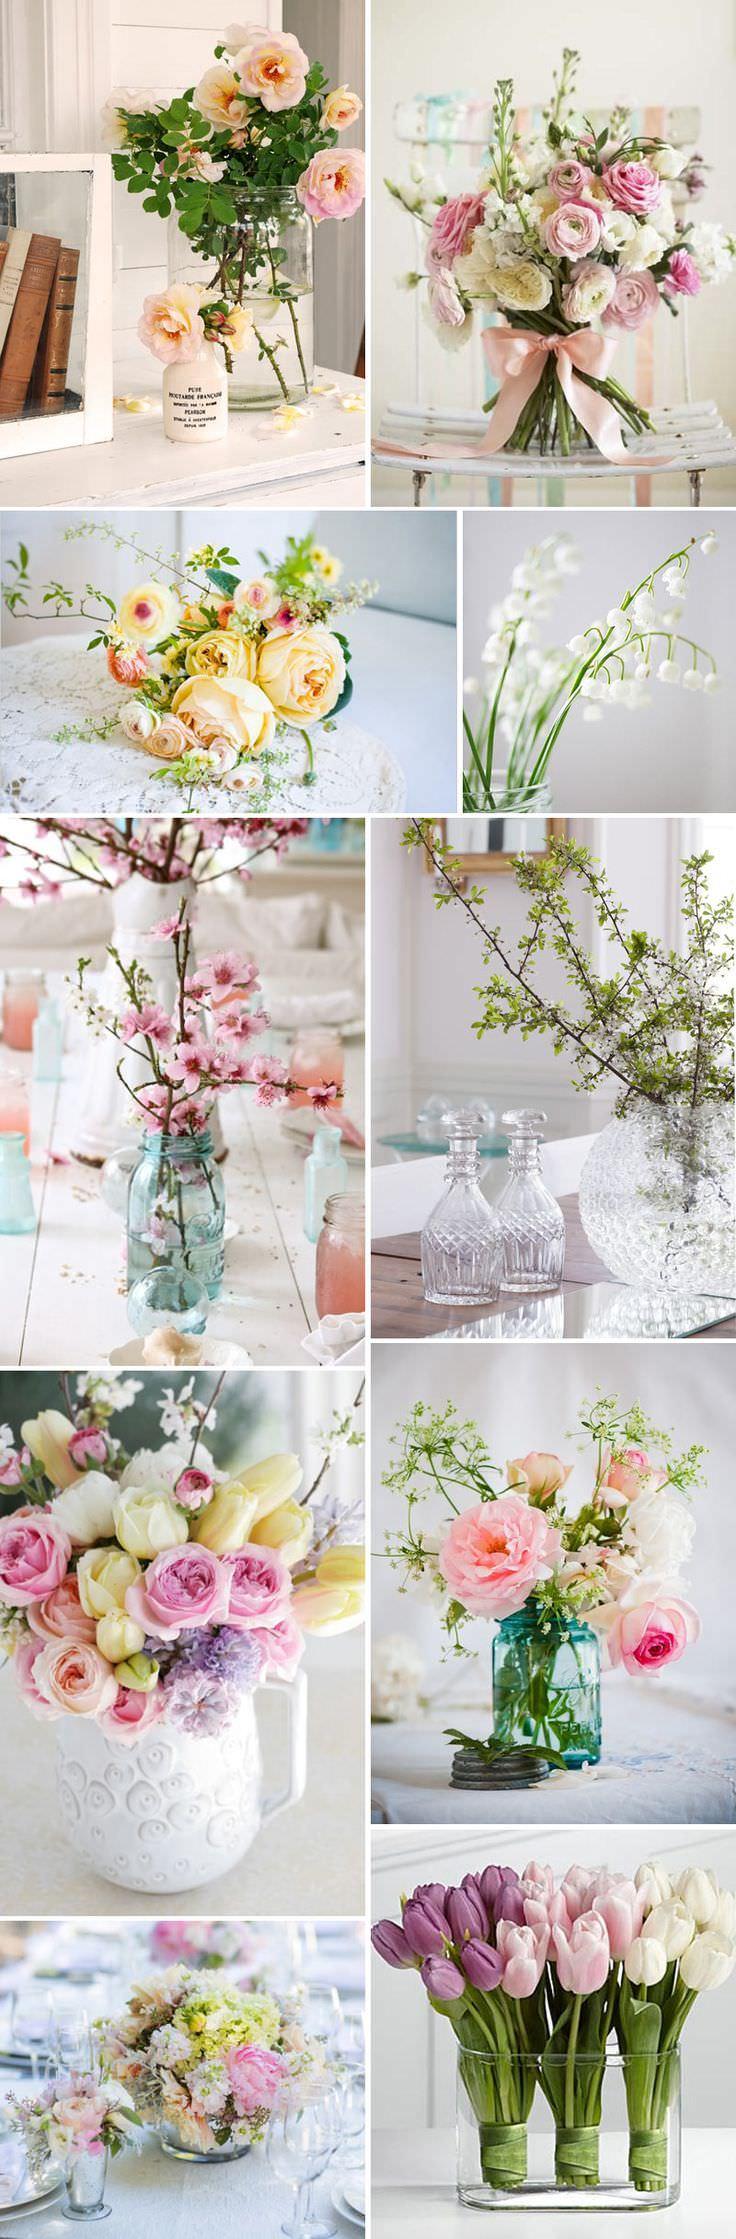 Вдохновение для свадьбы весной